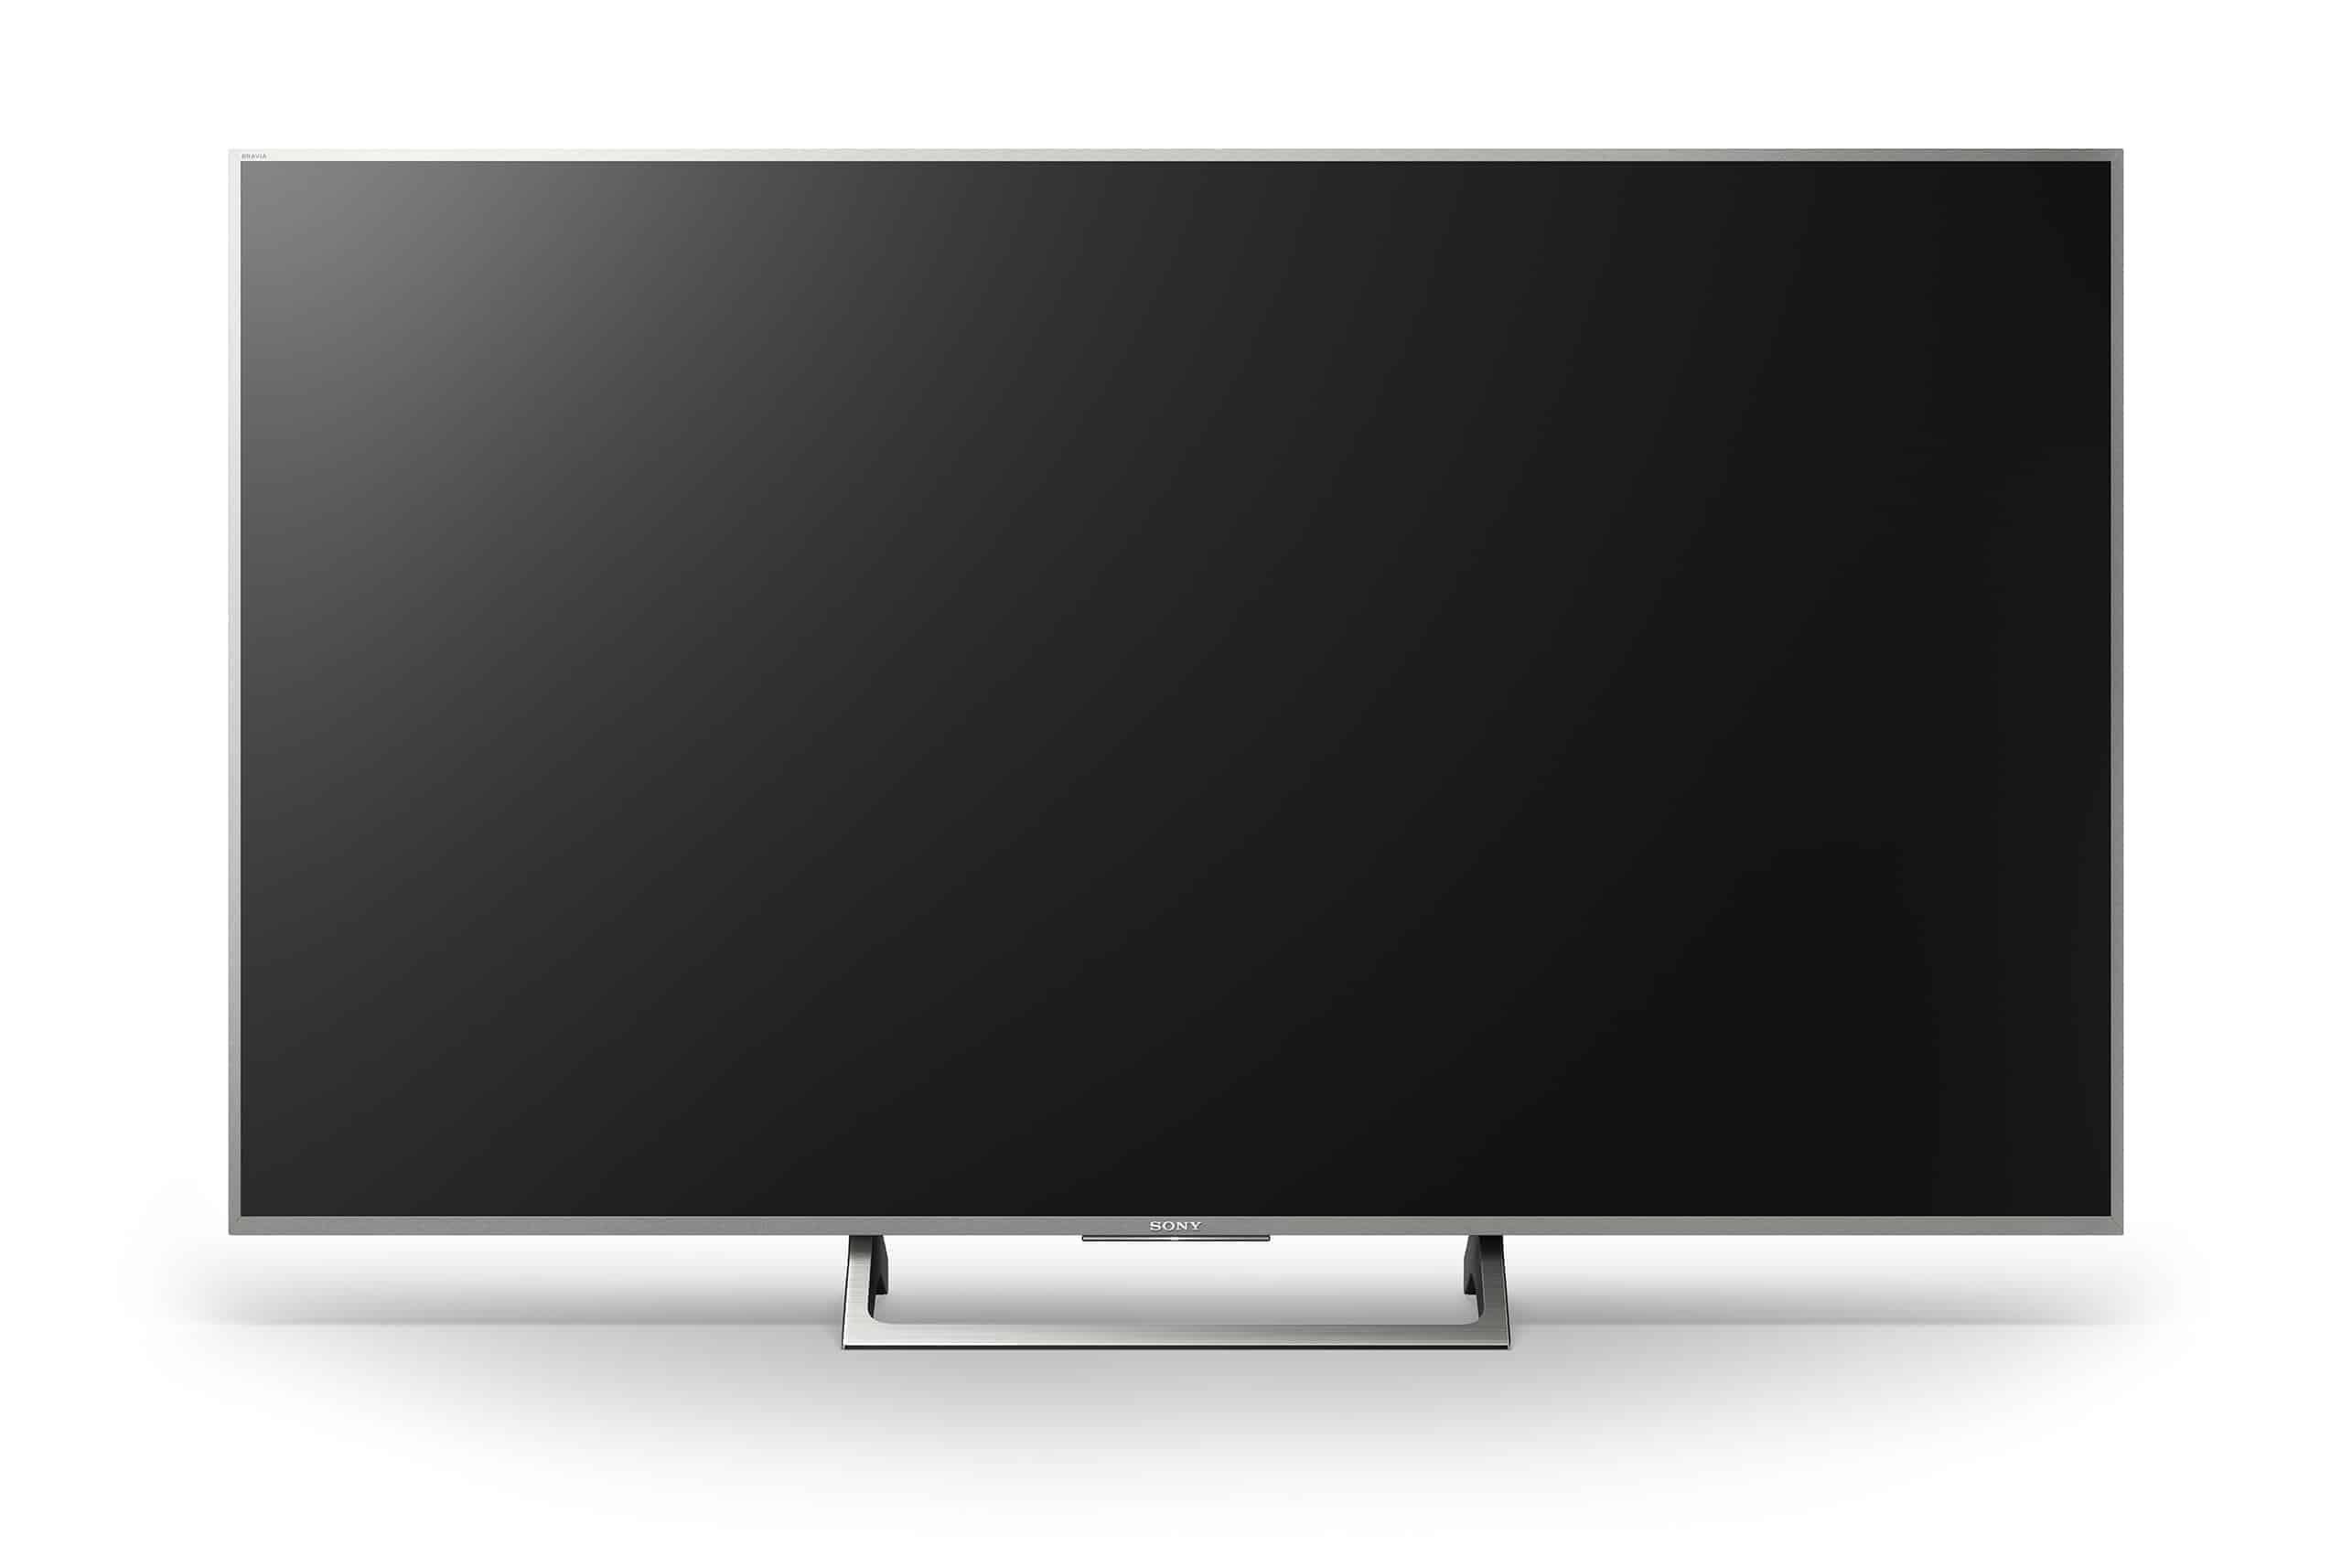 Sony TV CES 10